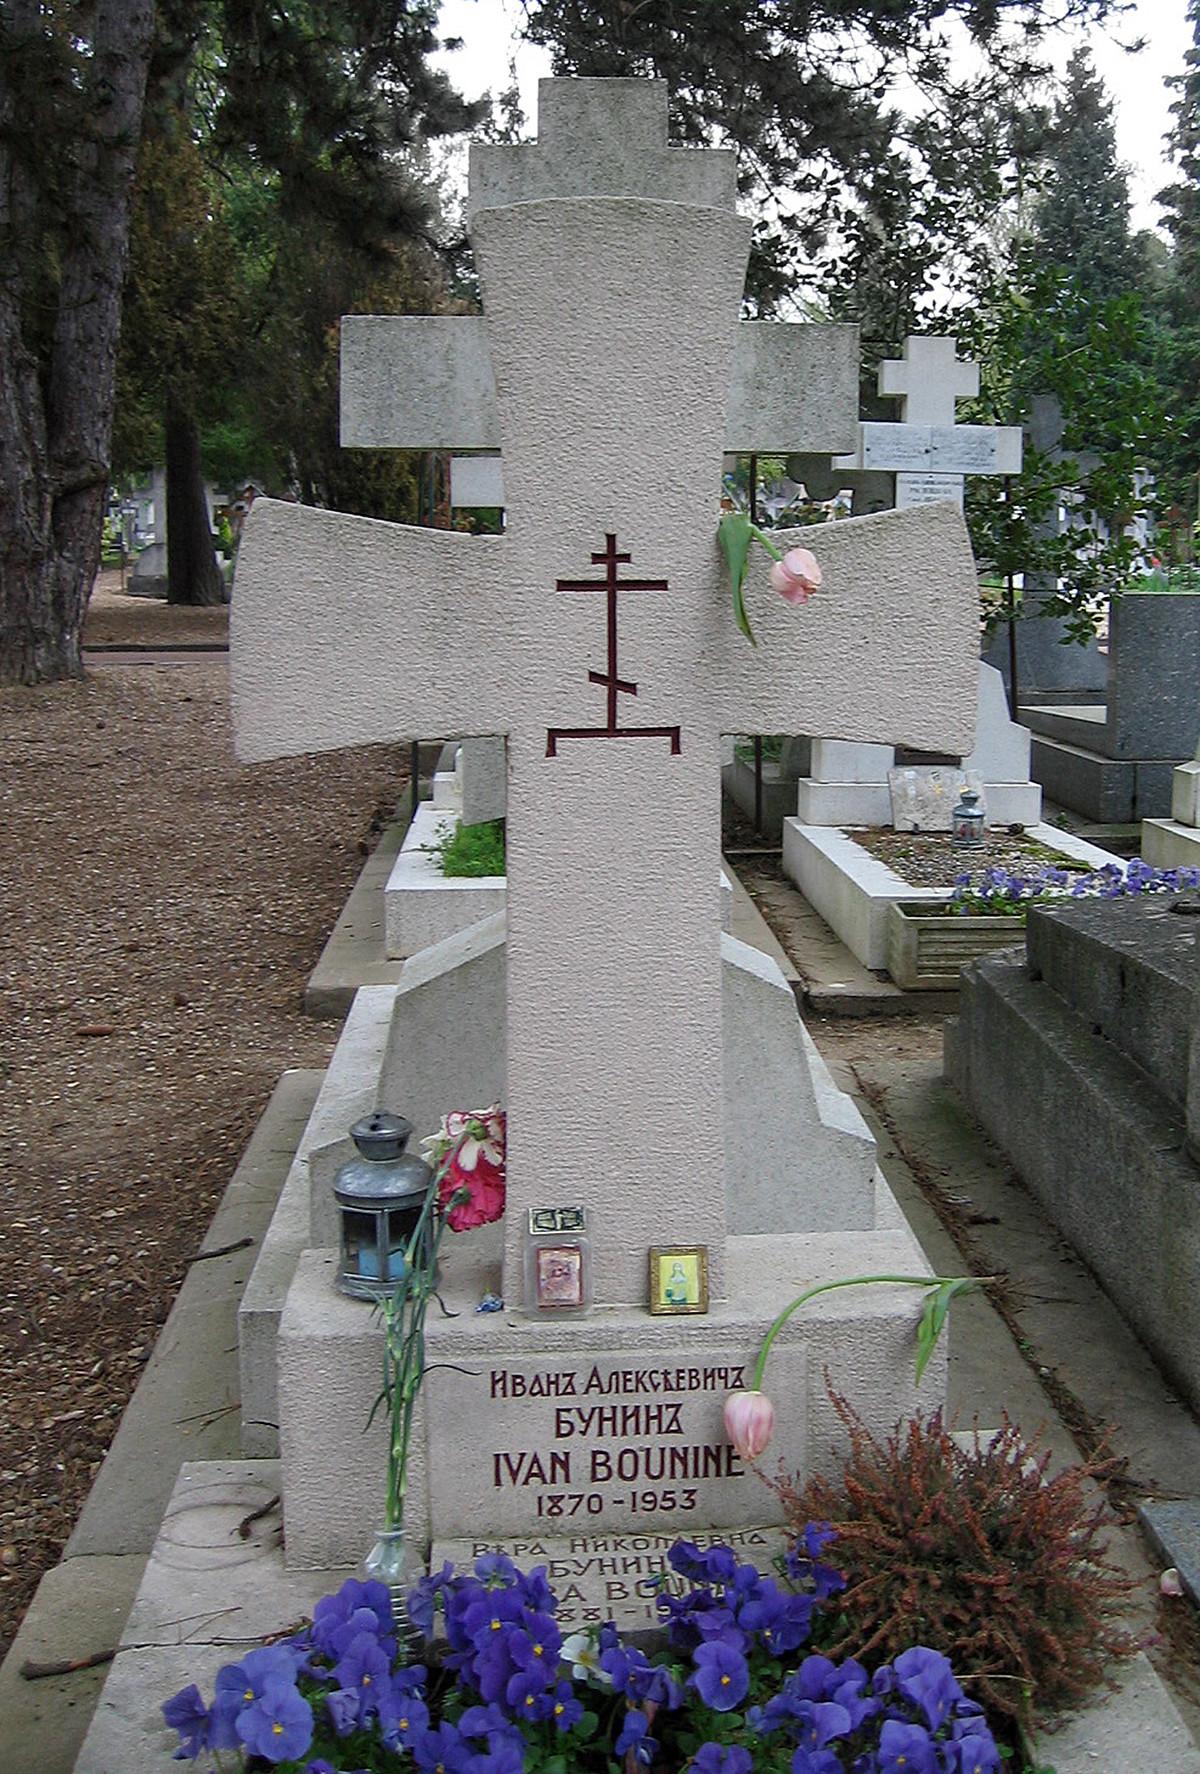 Ivan Bunin's grave at Sainte-Geneviève-des-Bois cemetery in Paris